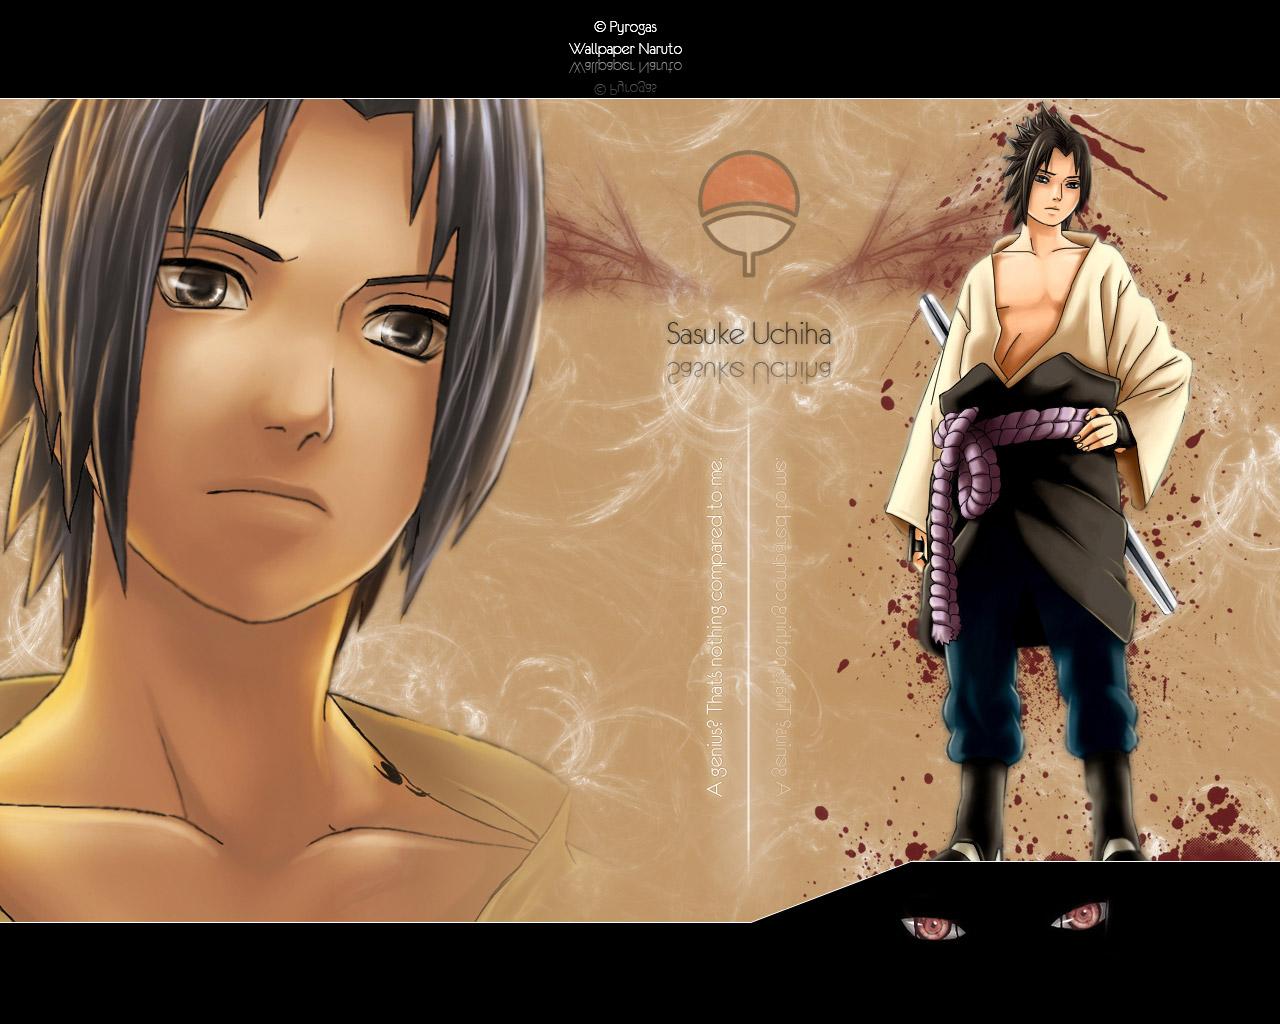 http://1.bp.blogspot.com/-Wwak_Xl4r1U/Tlbp61uoCfI/AAAAAAAAL8A/zUgUXKH8rf0/s1600/sasuke-uchiha-wallpaper_04.jpeg